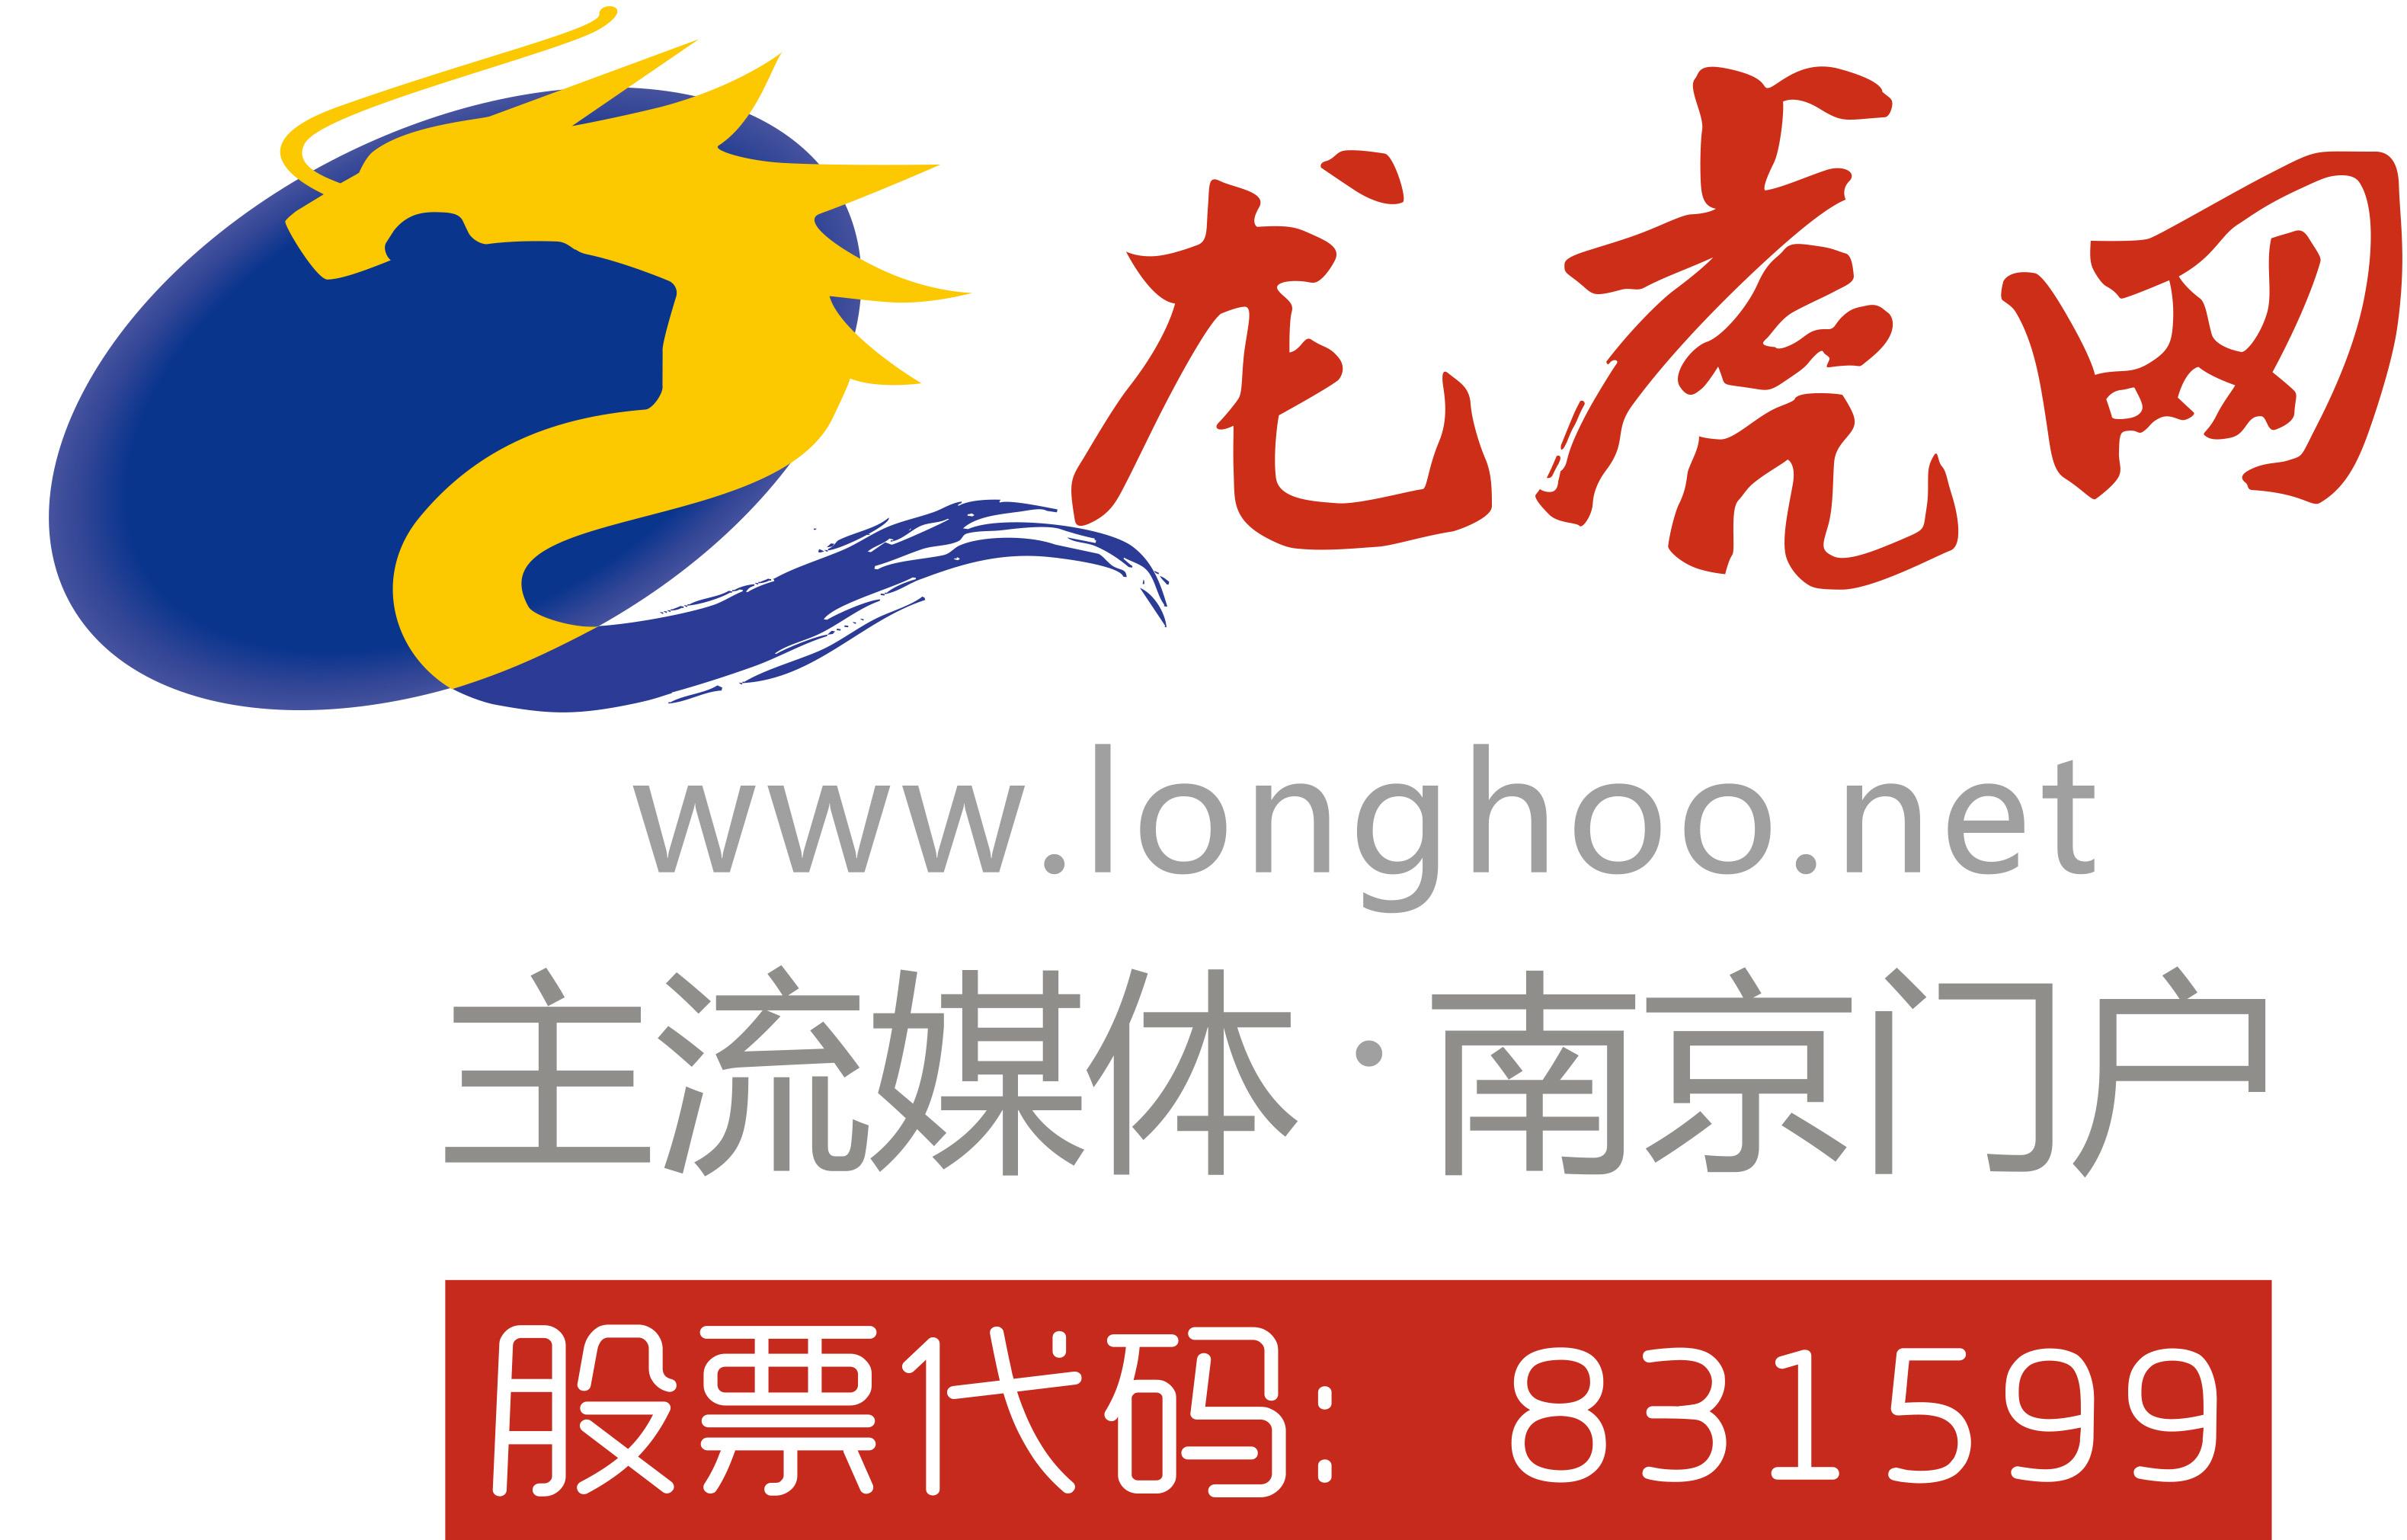 江苏龙虎网信息科技股份有限公司